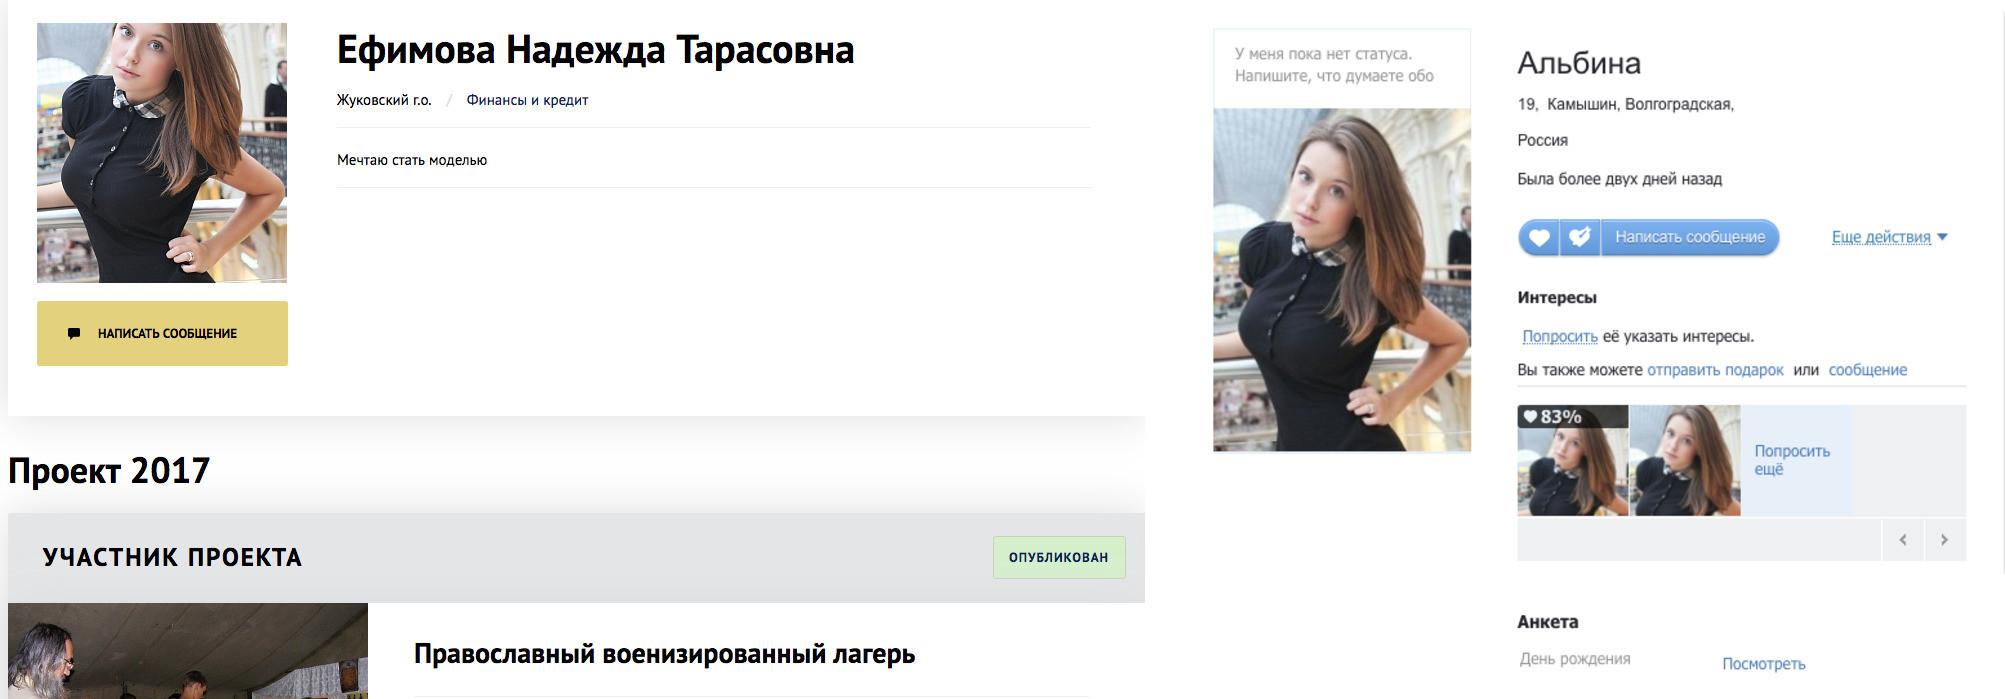 Это фото Надежды Ефимовой давно гуляет по порносайтам и сайтам знакомств. Скиншот: © L!FE